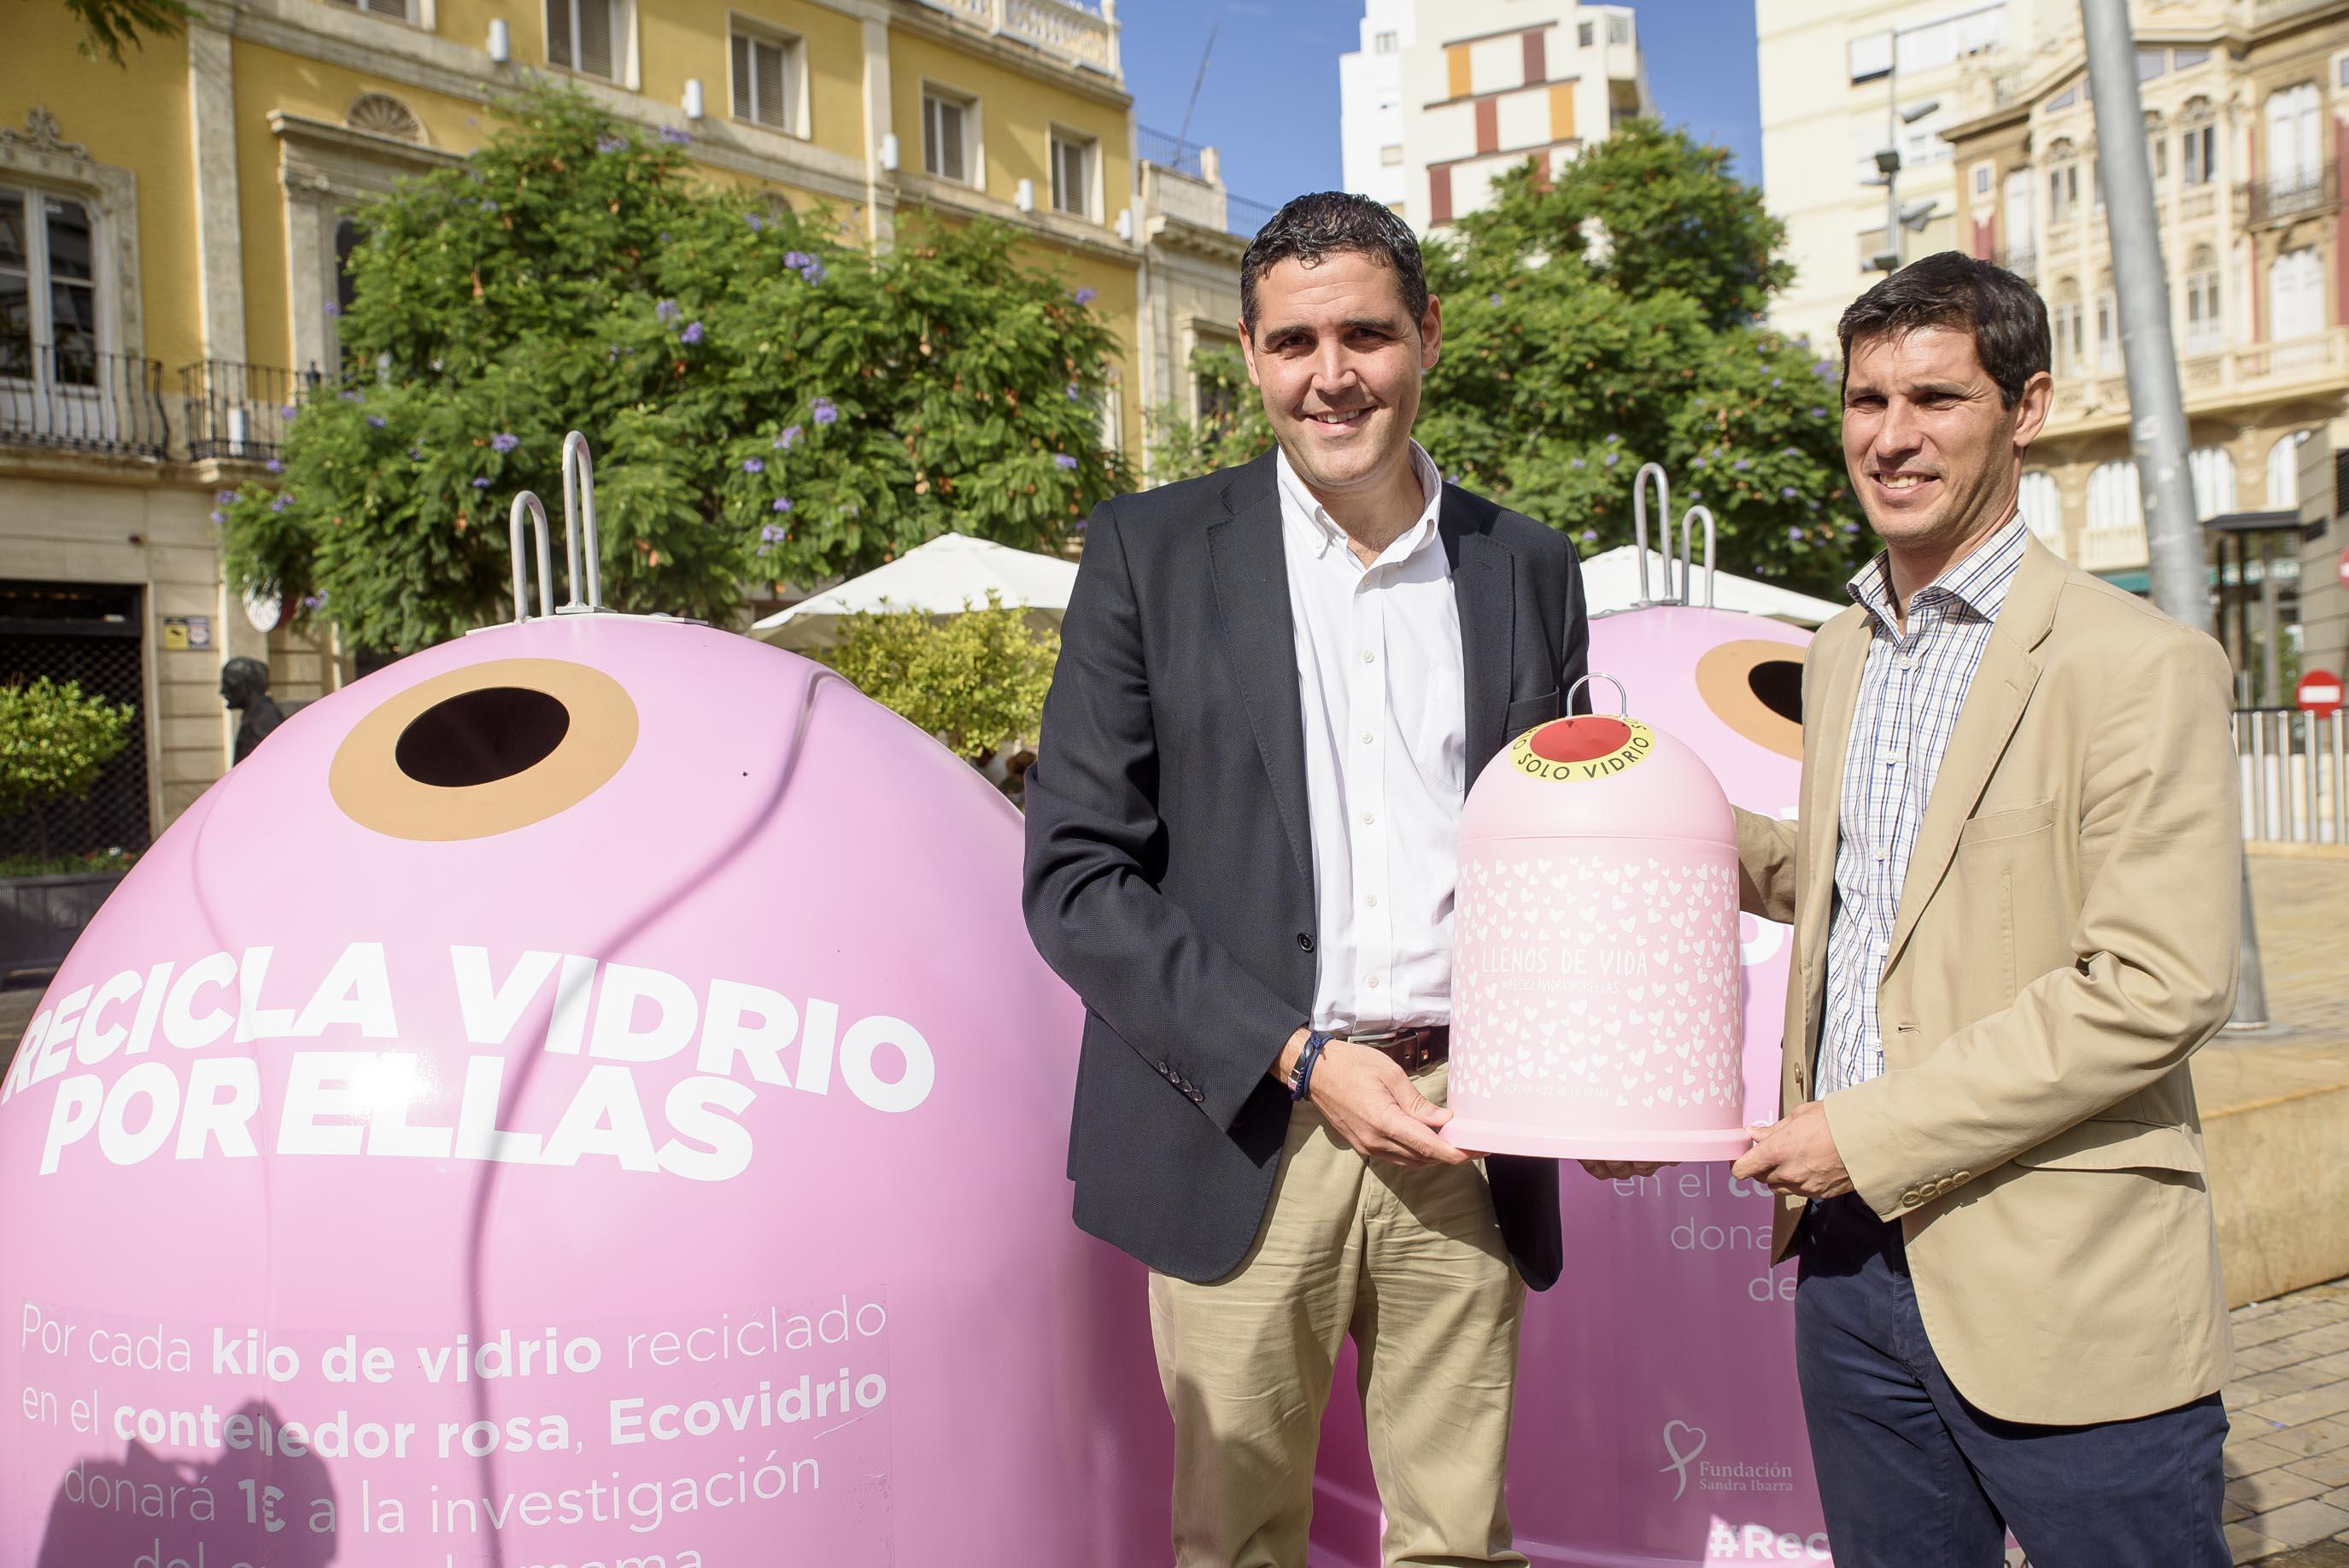 Ayuntamiento de Almería y Ecovidrio presentan la campaña 'Recicla Vidrio por ellas' con motivo del Día Mundial del Cáncer de Mama